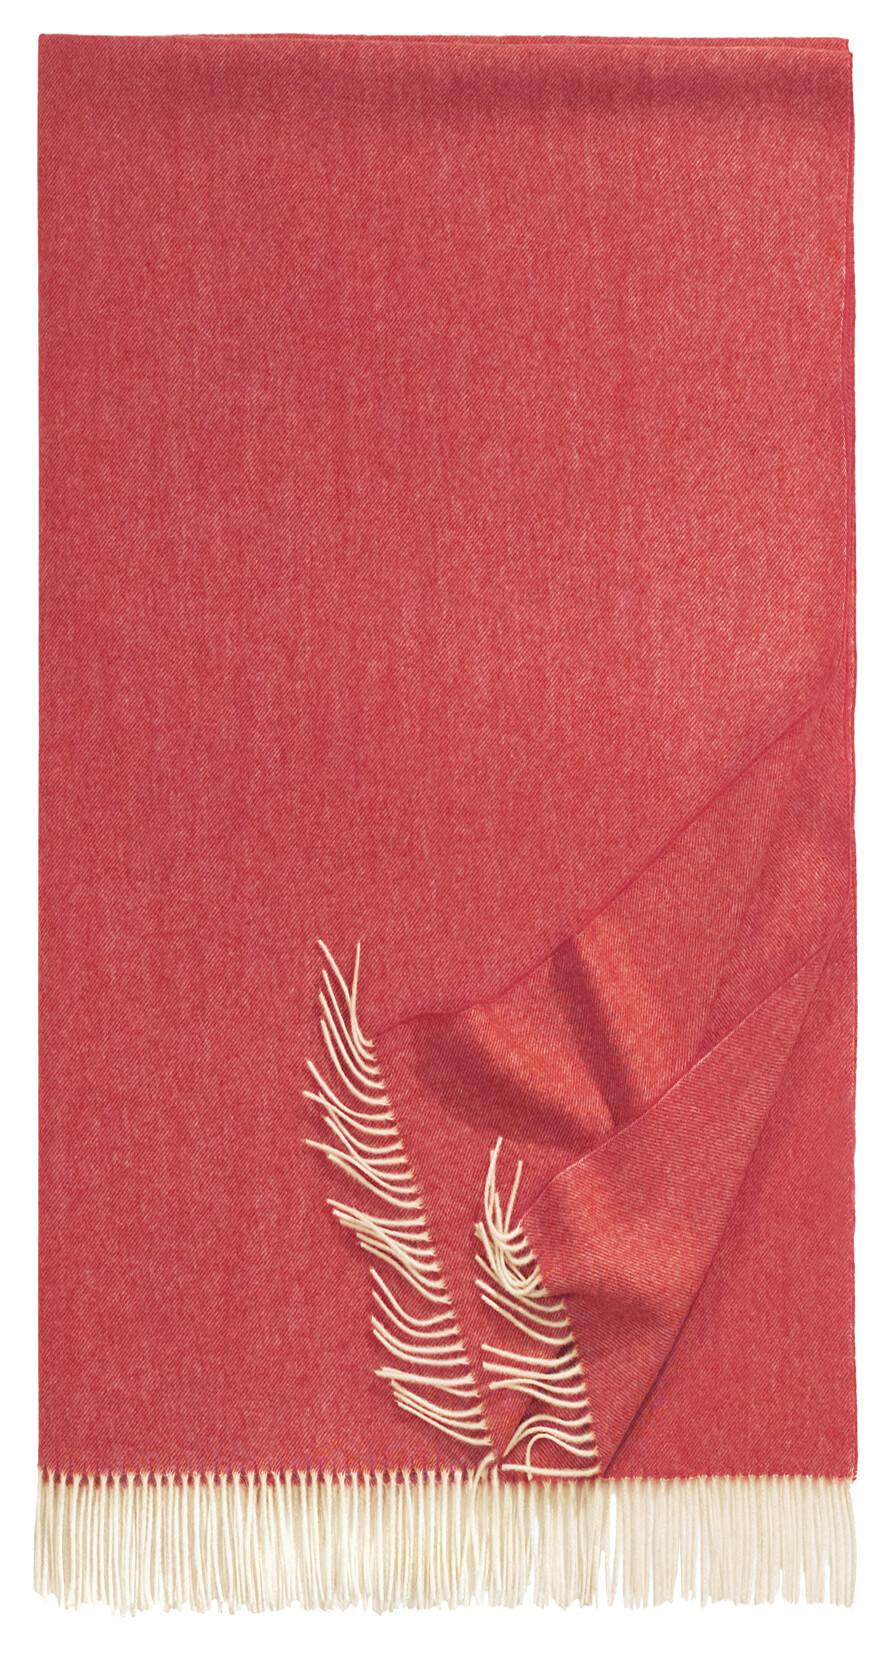 Bild von 012-0045-166, Variante rot